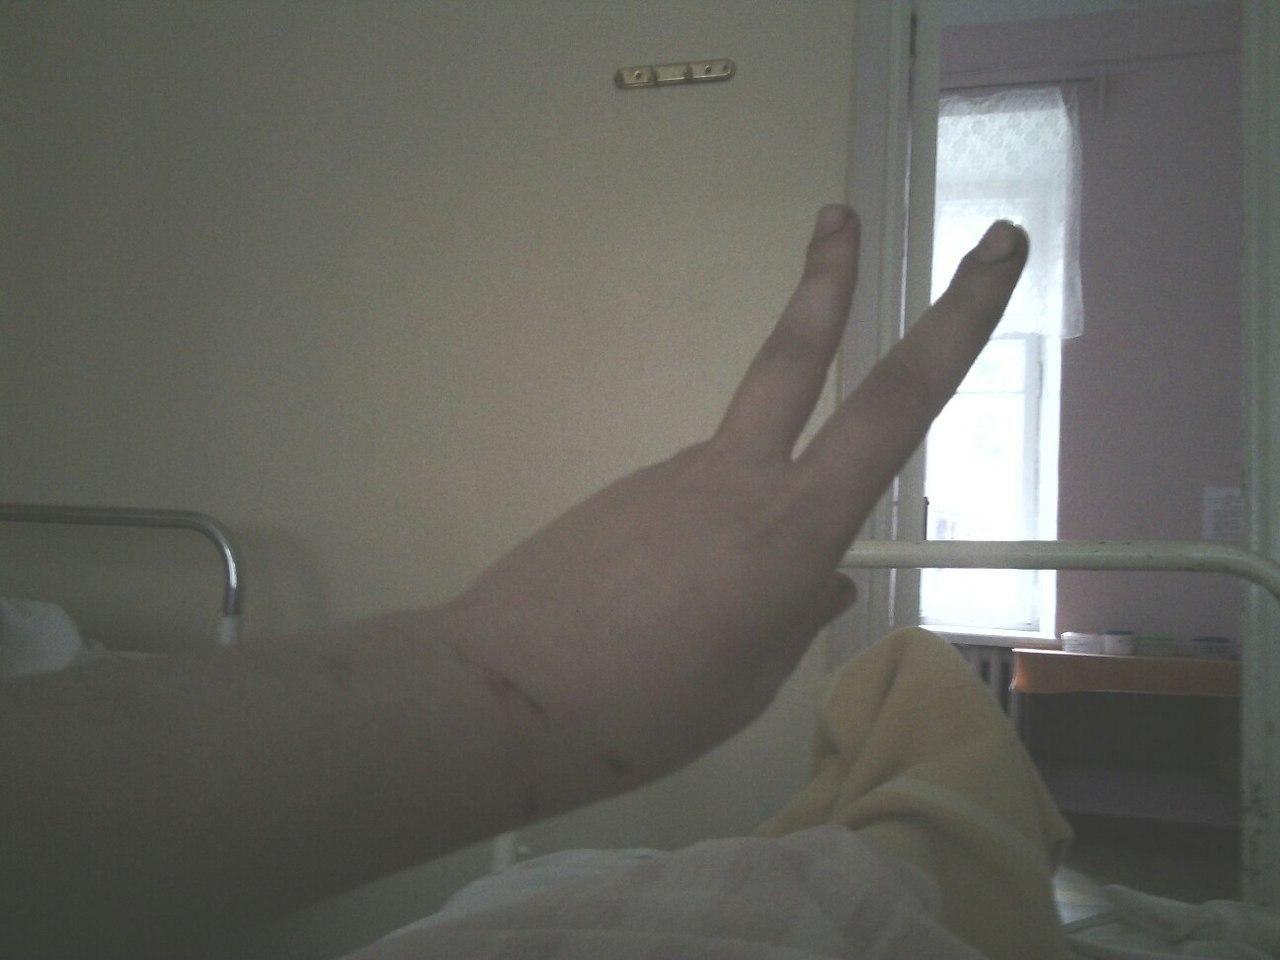 «Я билась плечом в дверь и проклинала Новороссию». Эксклюзивное интервью боевика Натальи Красовской из Борисова 2